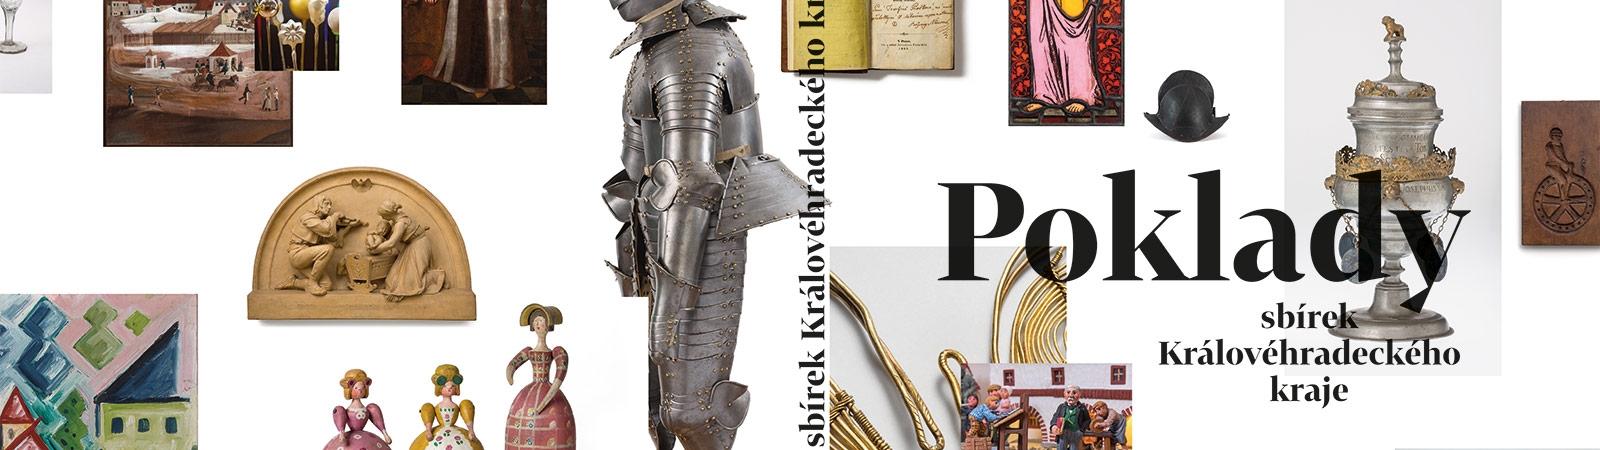 Poklady sbírek Královéhradeckého kraje